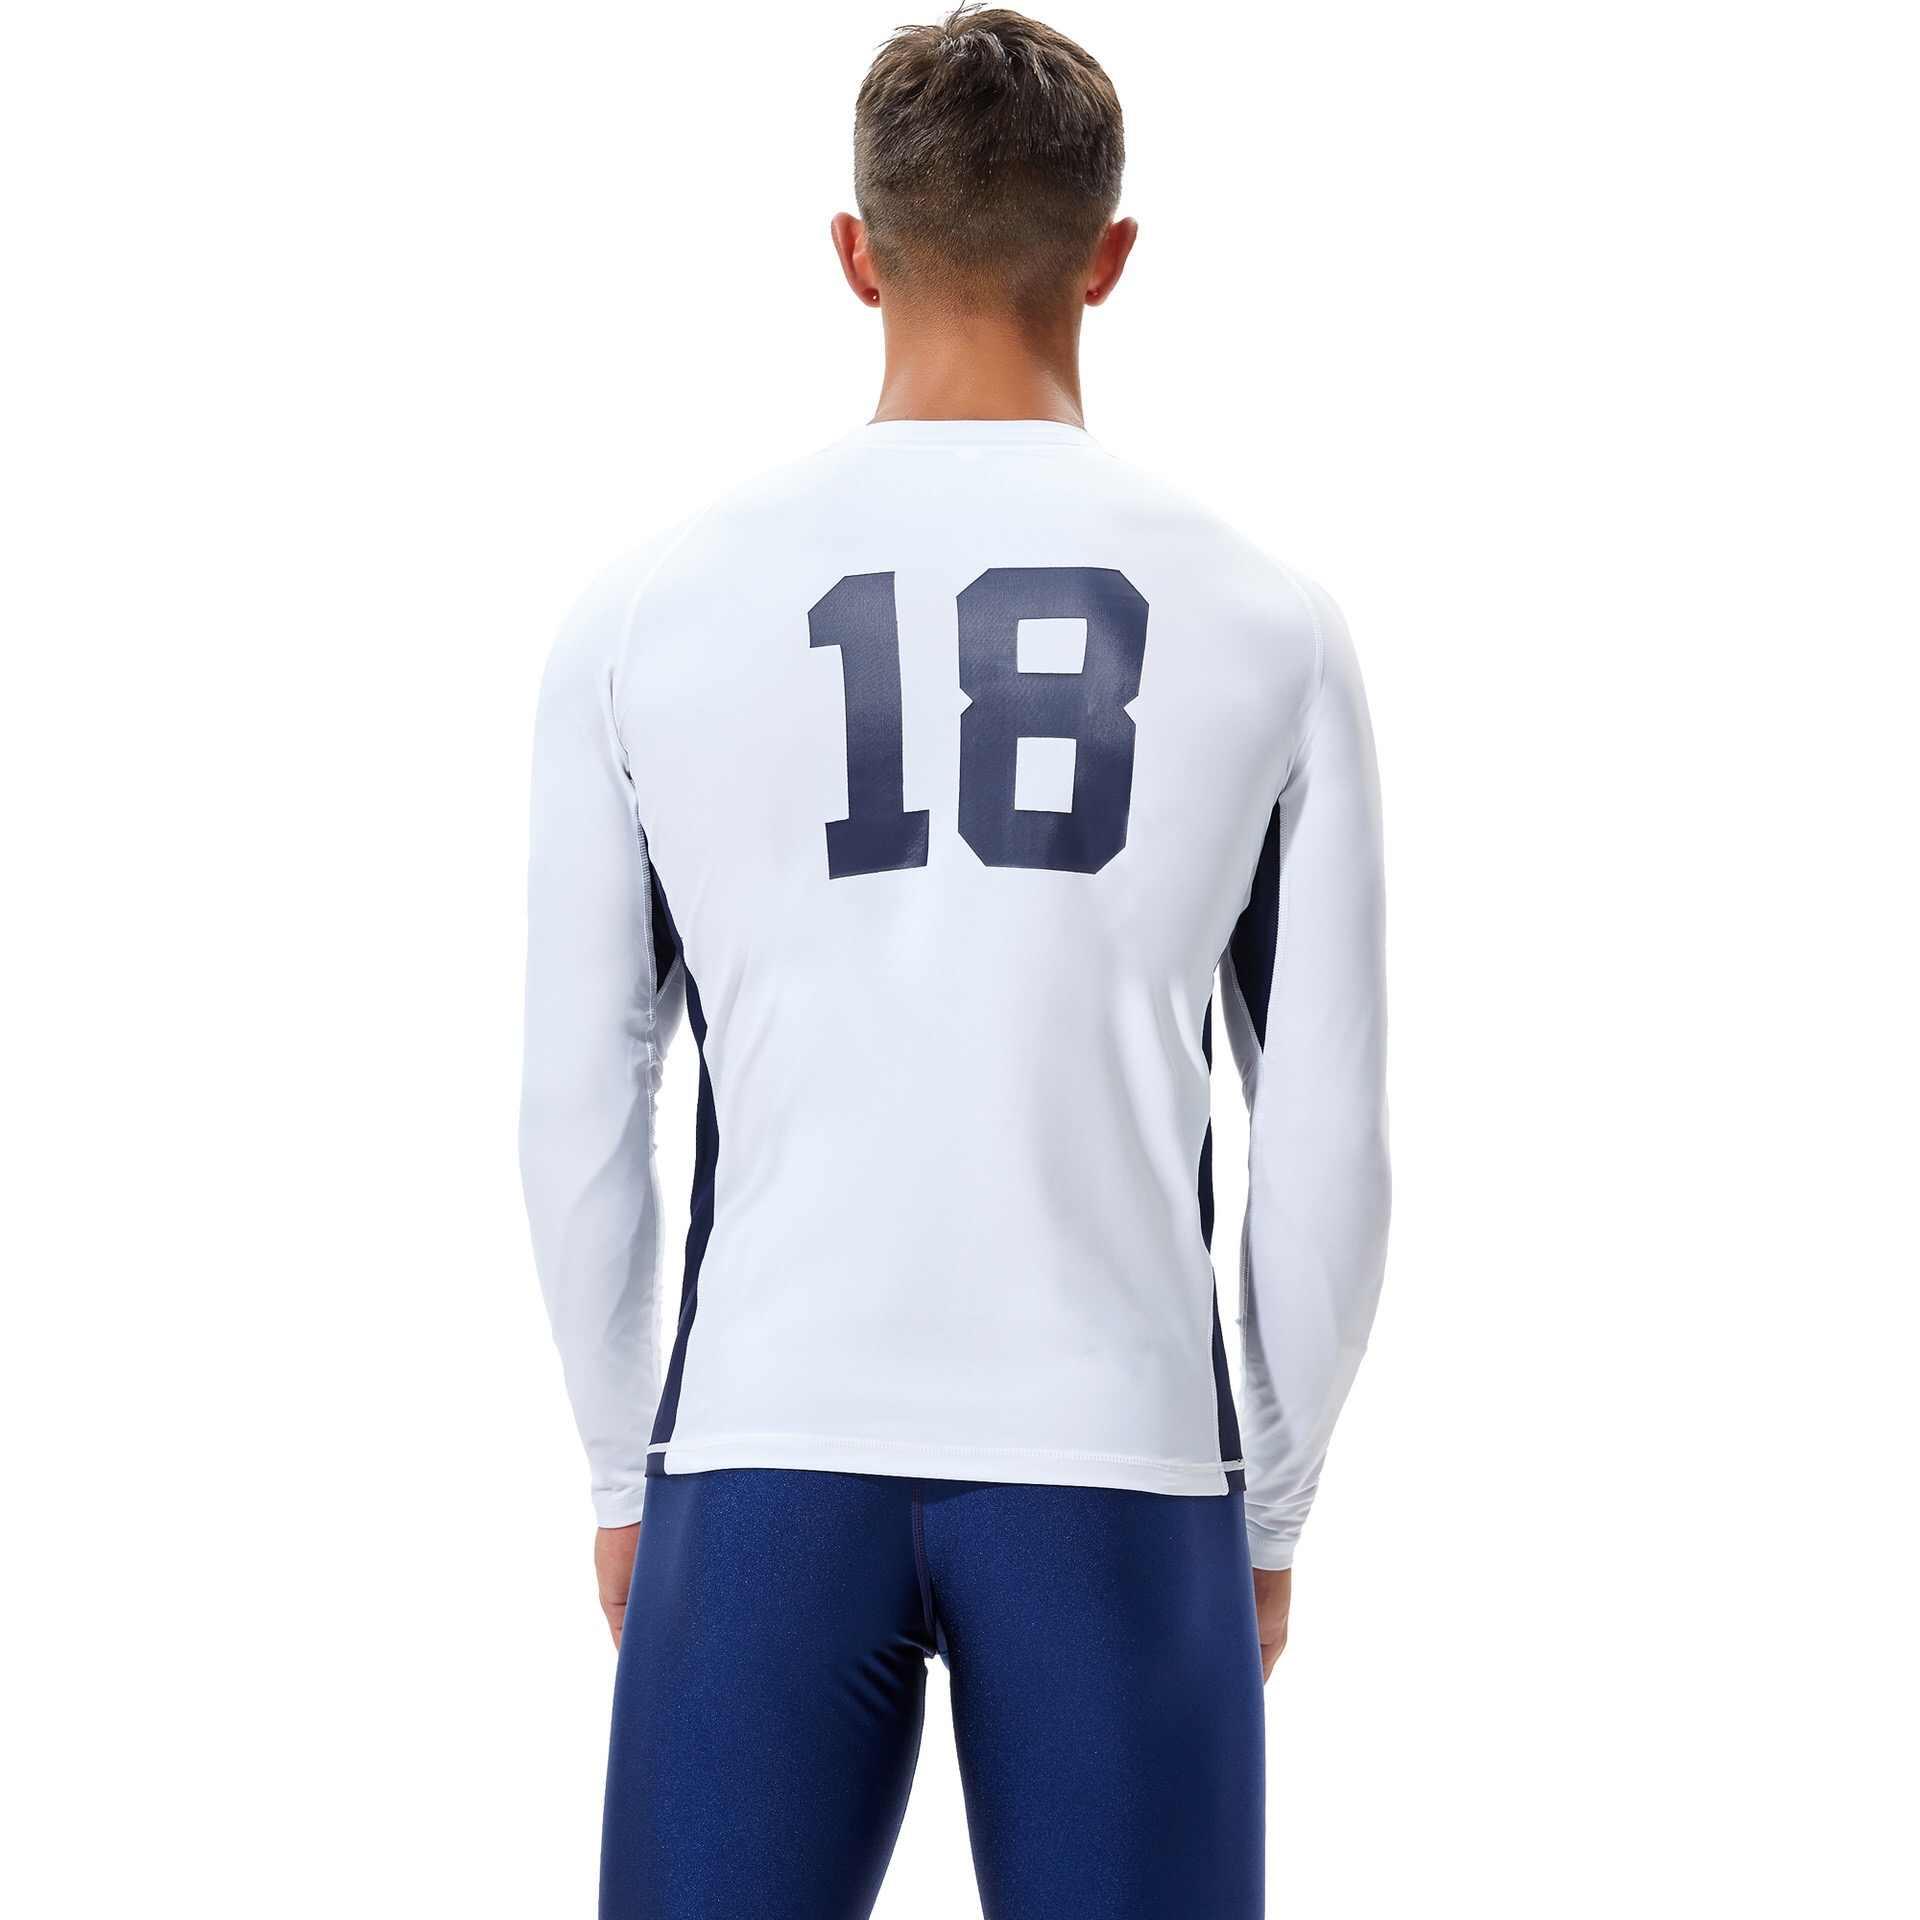 TSMC UV להגן על גלישה הפריחה משמר גברים ארוך שרוול לשחות חולצות גרביונים שמש הגנה לגלוש T חולצות שנורקלינג בגדי ים מהיר יבש